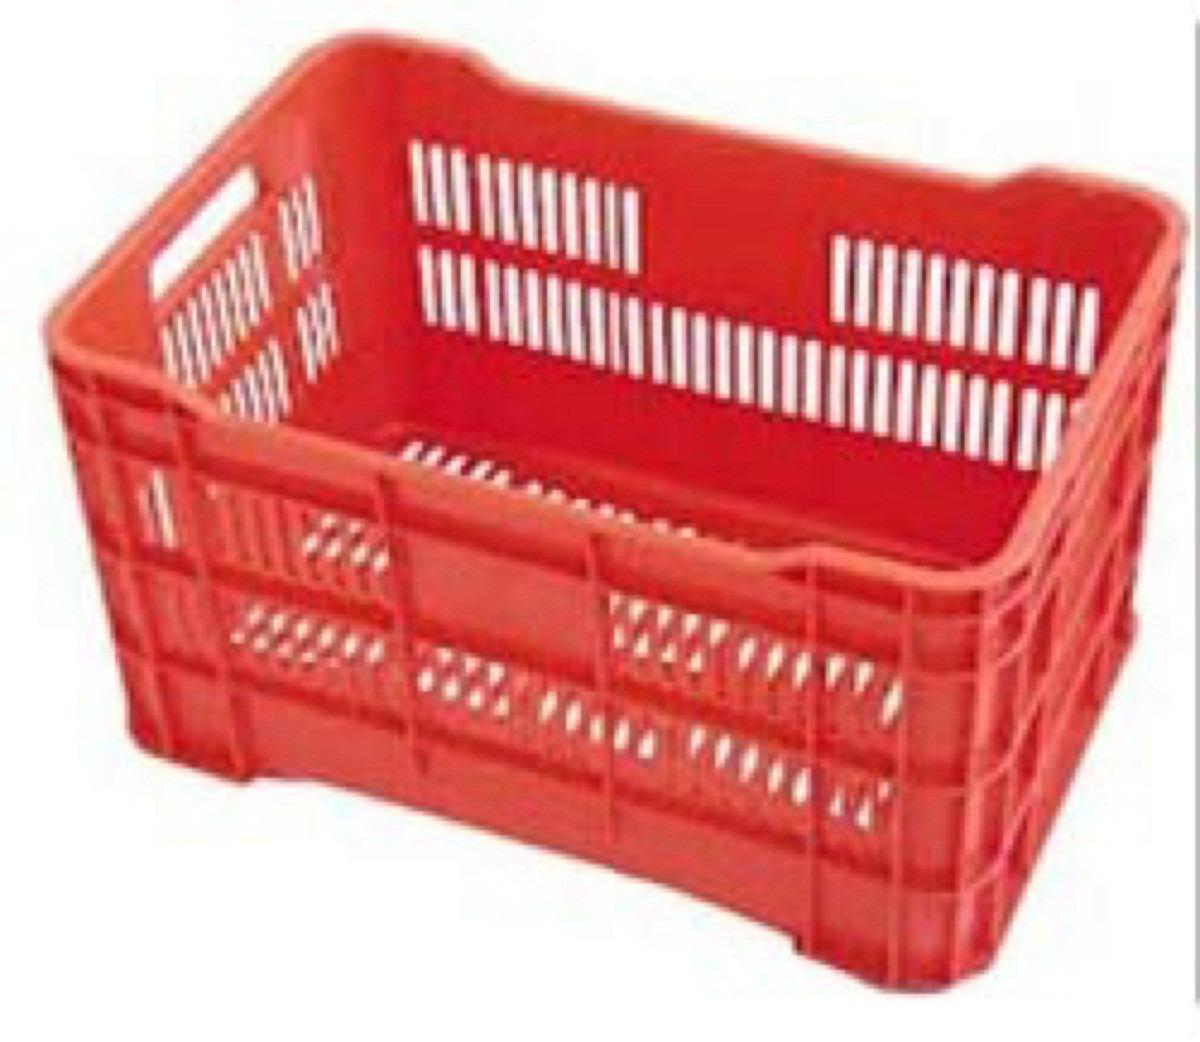 Cajas de plastico agricolas en mercado libre for Cajas de plastico precio